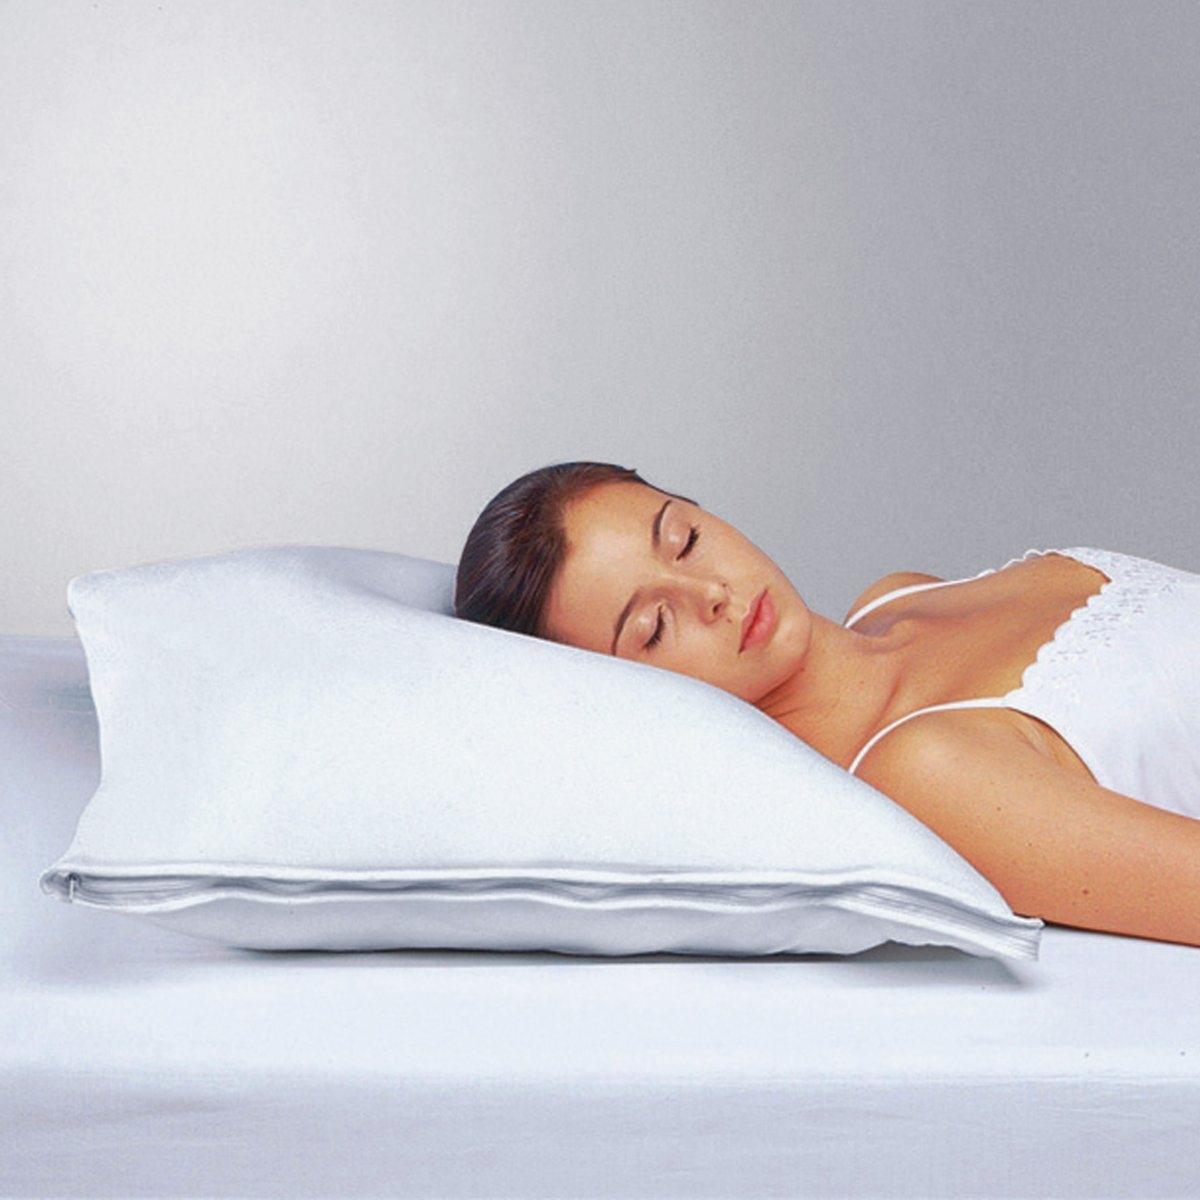 Подушка упругая :Результат работы кинезиотерапевтов : подушка повторяет изгиб шеи благодаря эргономичному чехлу из 100% хлопка с основой-валиком (5 см) из упругого пеноматериала.     Эффективно распределяет давление и вытягивает позвоночник, позвляя максимально расслабиться.      Облегчает мигрень, артроз, ревматические боли и боли в шейном отделе позвоночника.Наполнитель: хлопья полиэстера.Машинная стирка при 40 °С.<br><br>Цвет: белый<br>Размер: 60 x 60  см